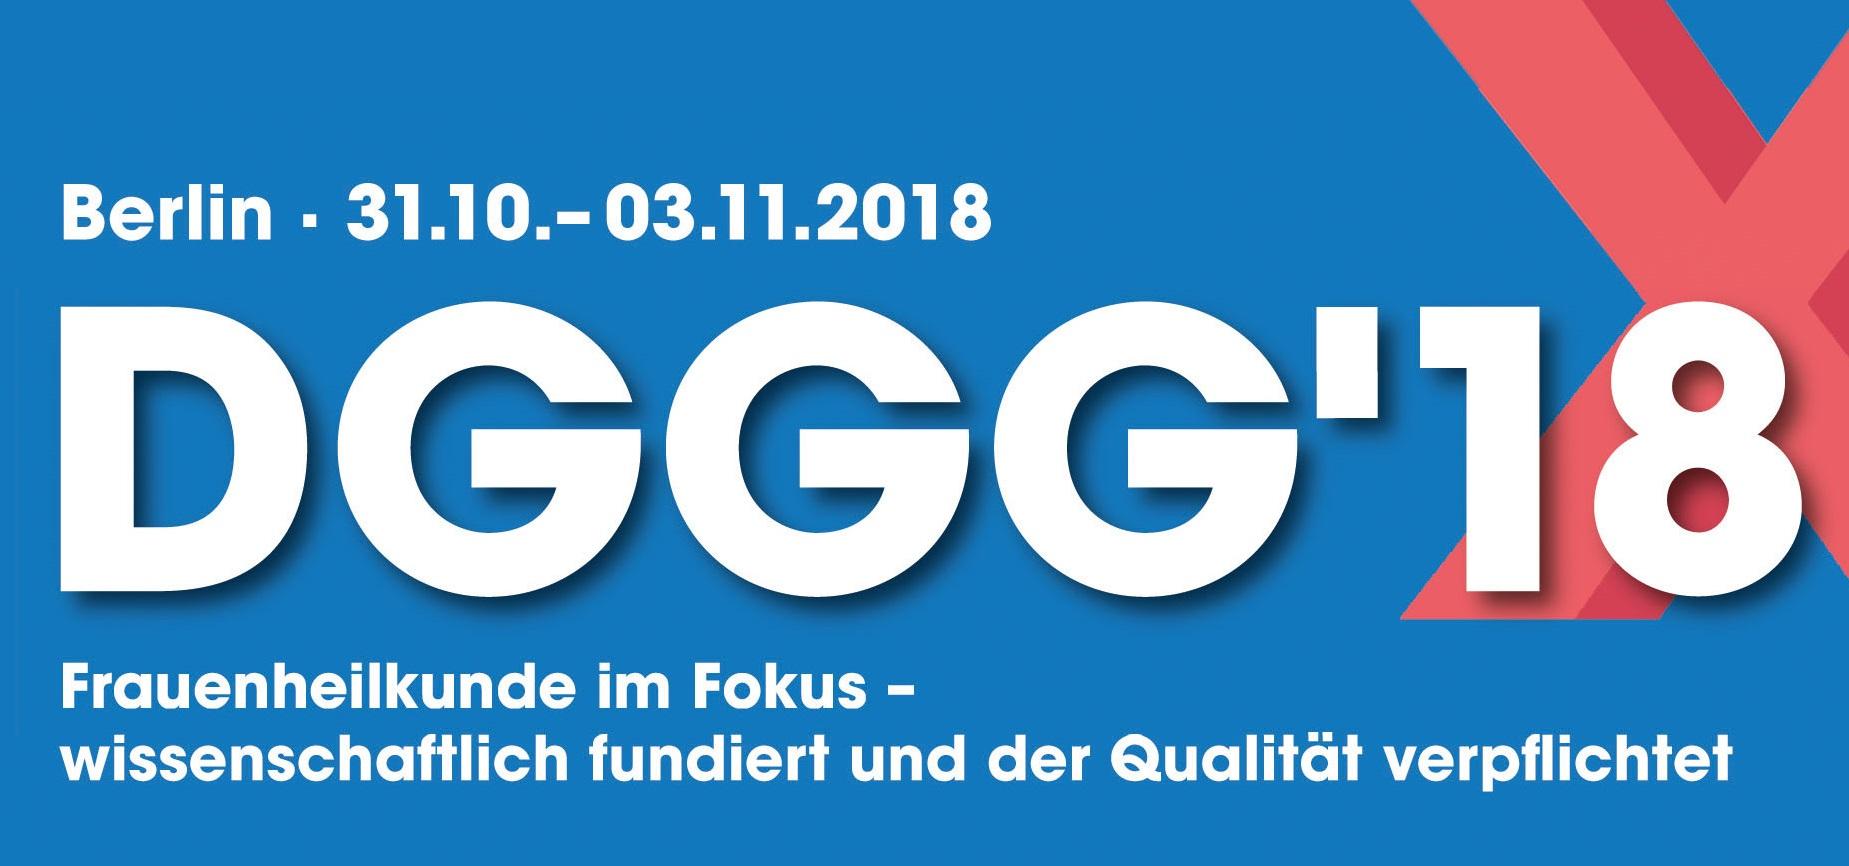 DGGG_2018_ausschnitt.jpg